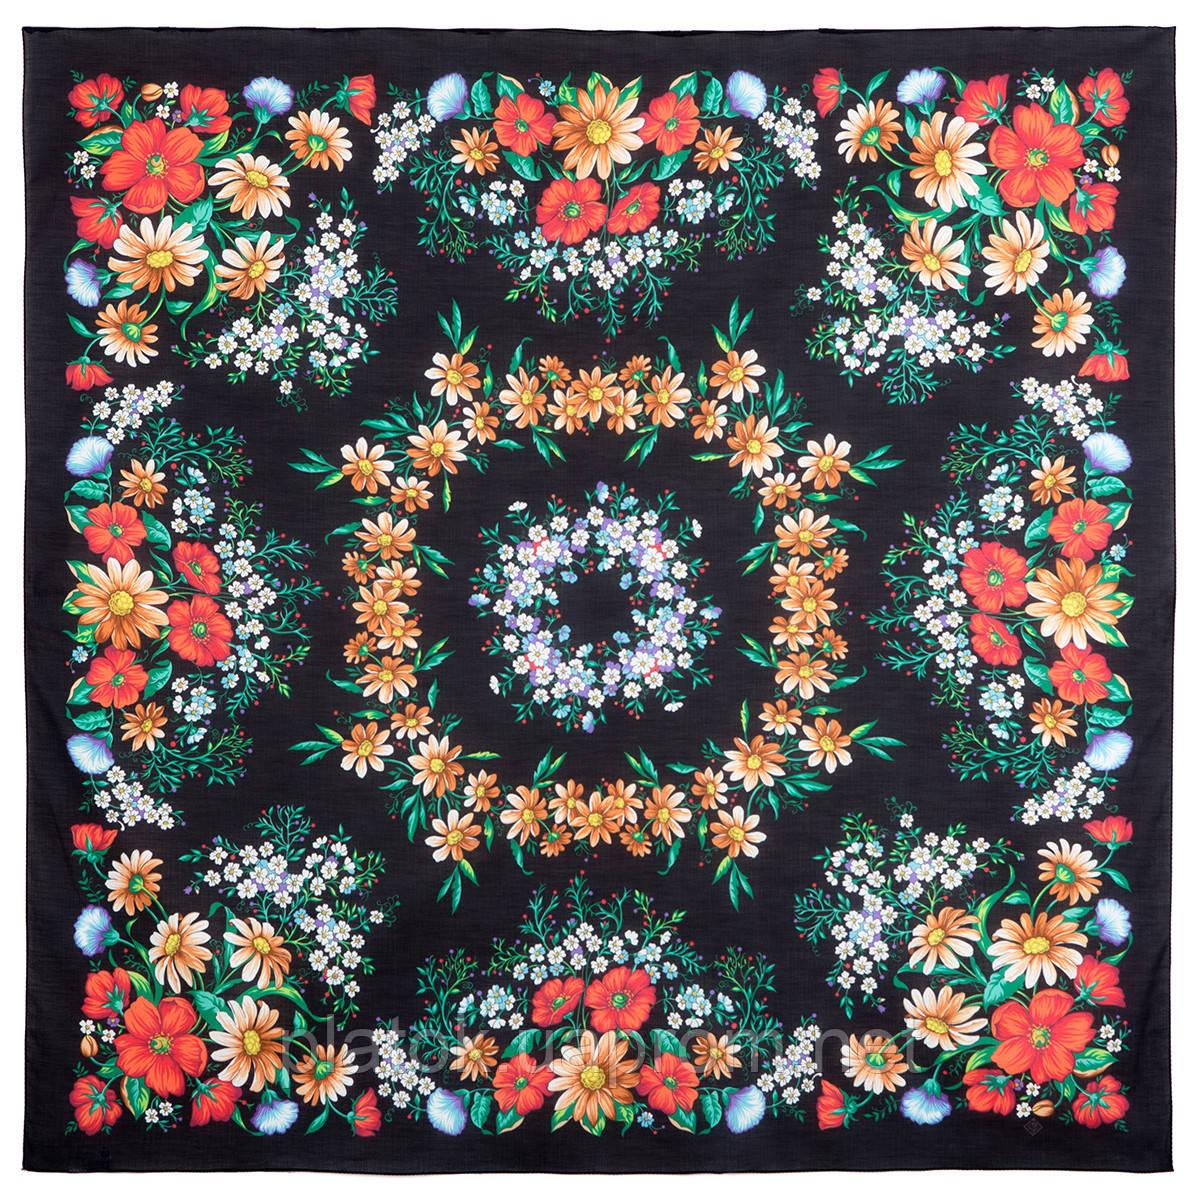 Солнечный танец 1711-18, павлопосадский платок хлопковый (батистовый) с швом зиг-заг